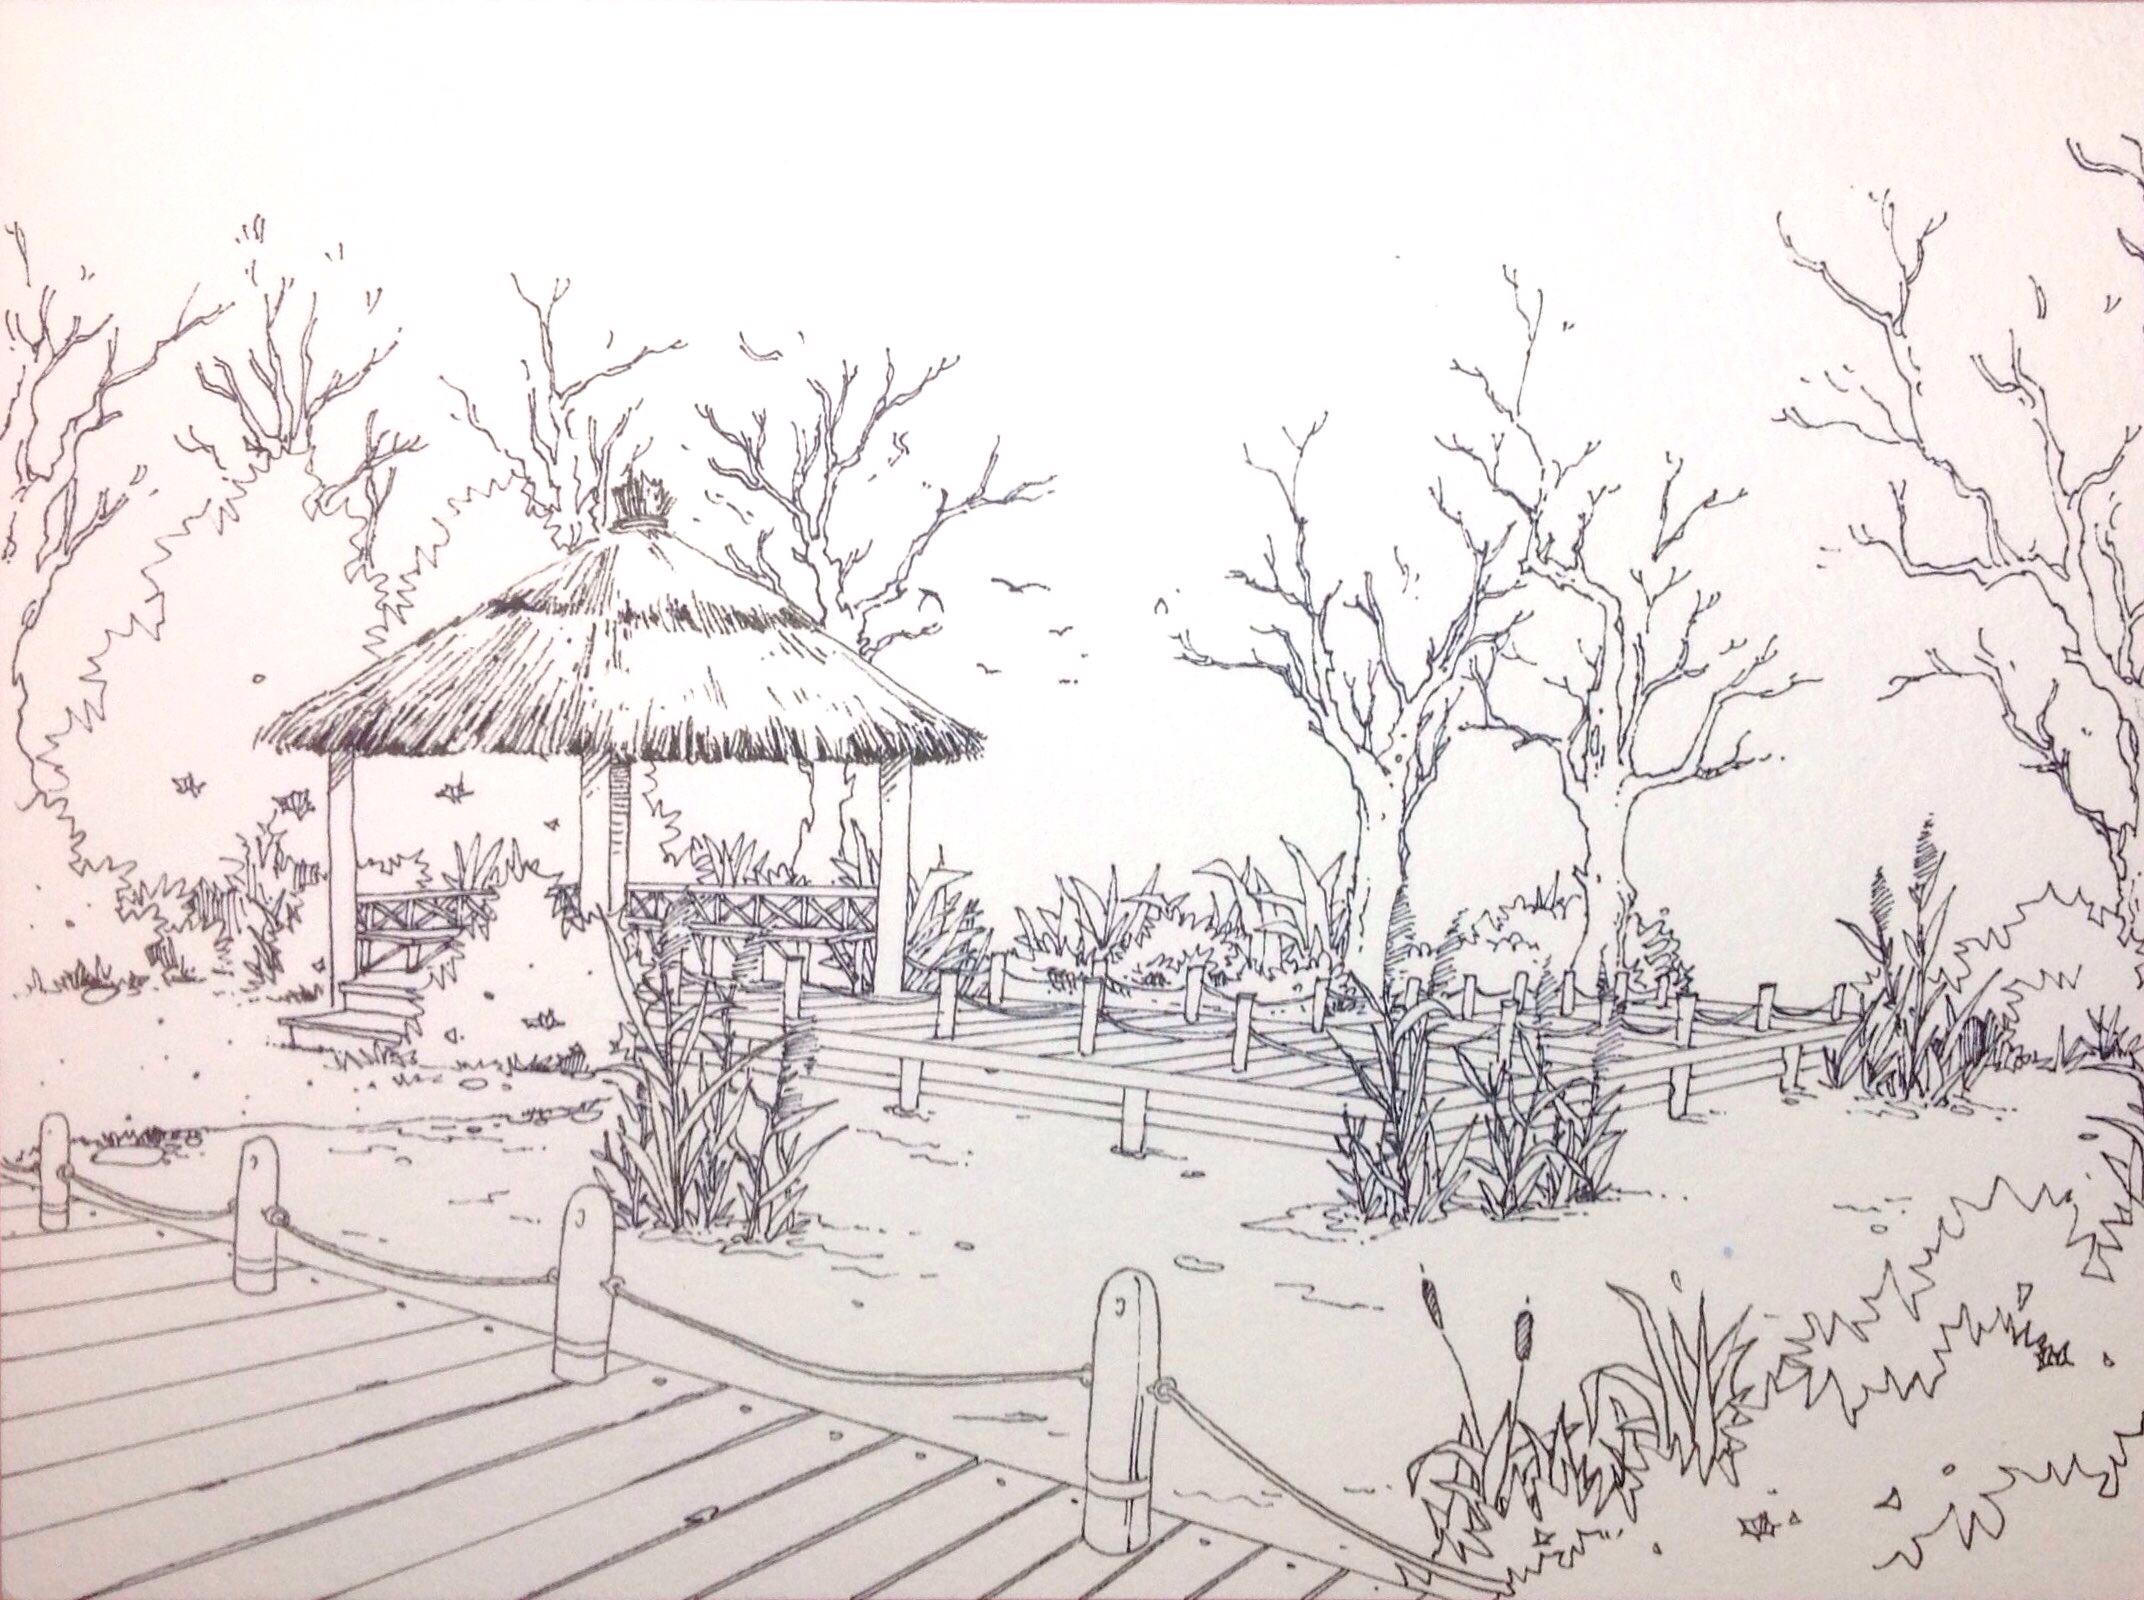 景观手绘效果图|空间|景观设计|语mow - 原创作品